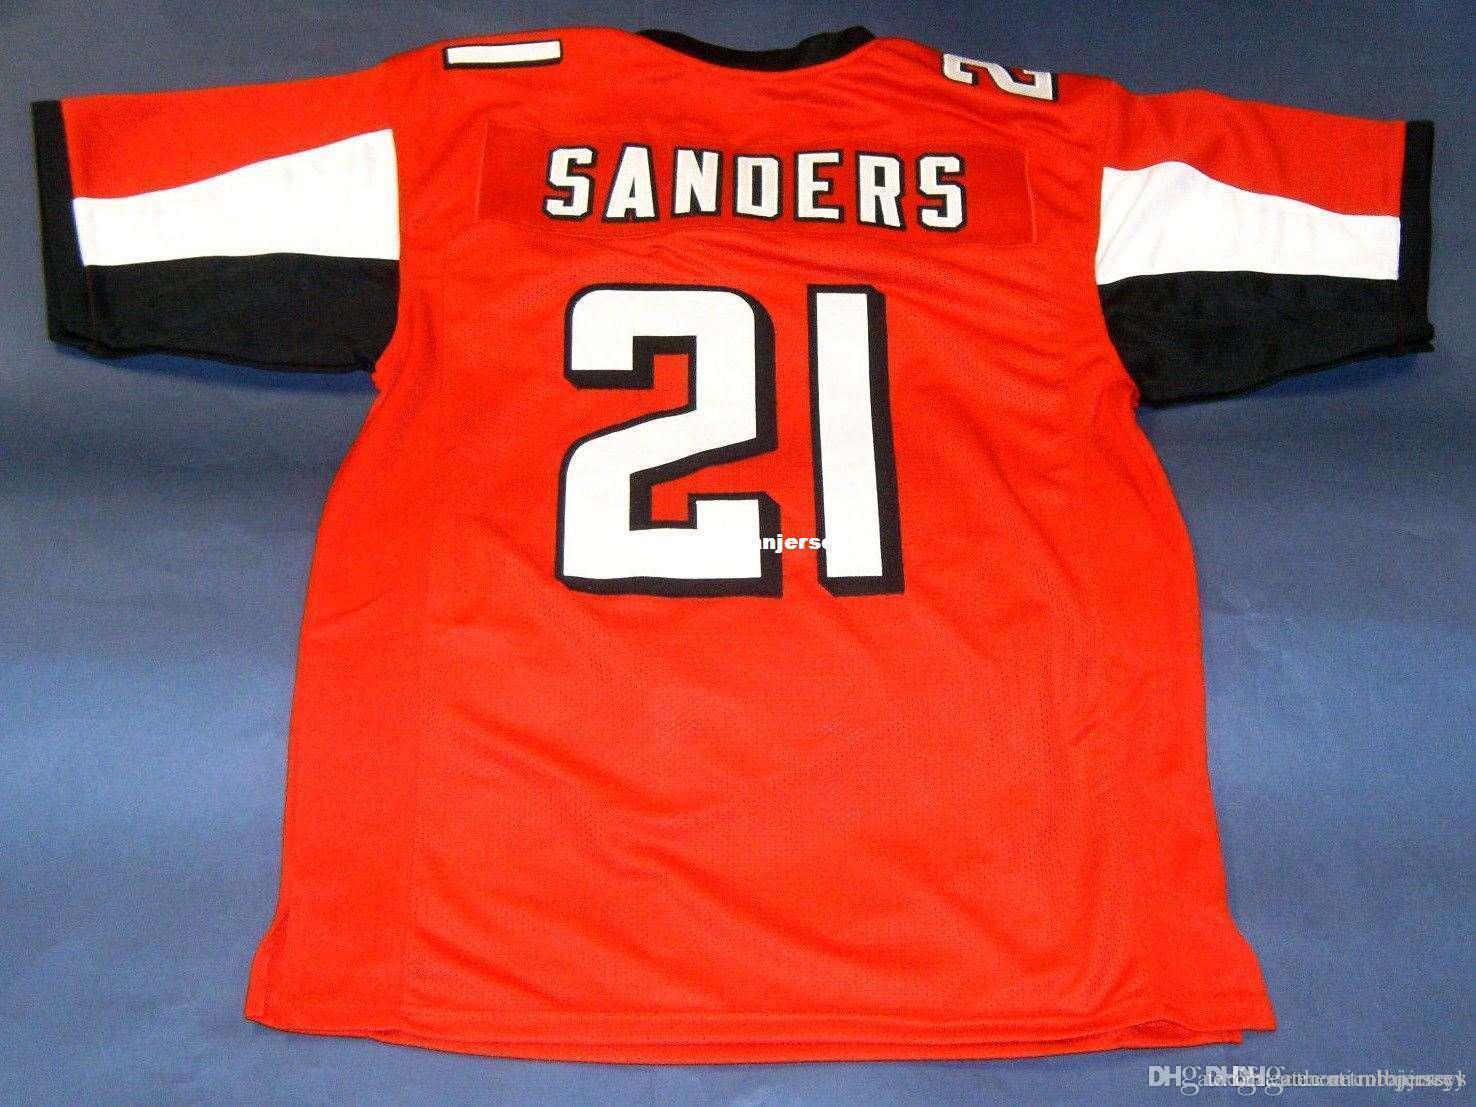 Cheap retro # 21 Deion Sanders CUSTOM MITCHELL NESS Jersey Prime Time Mens vermelho costura superior S-5XL, 6XL camisas de futebol executando